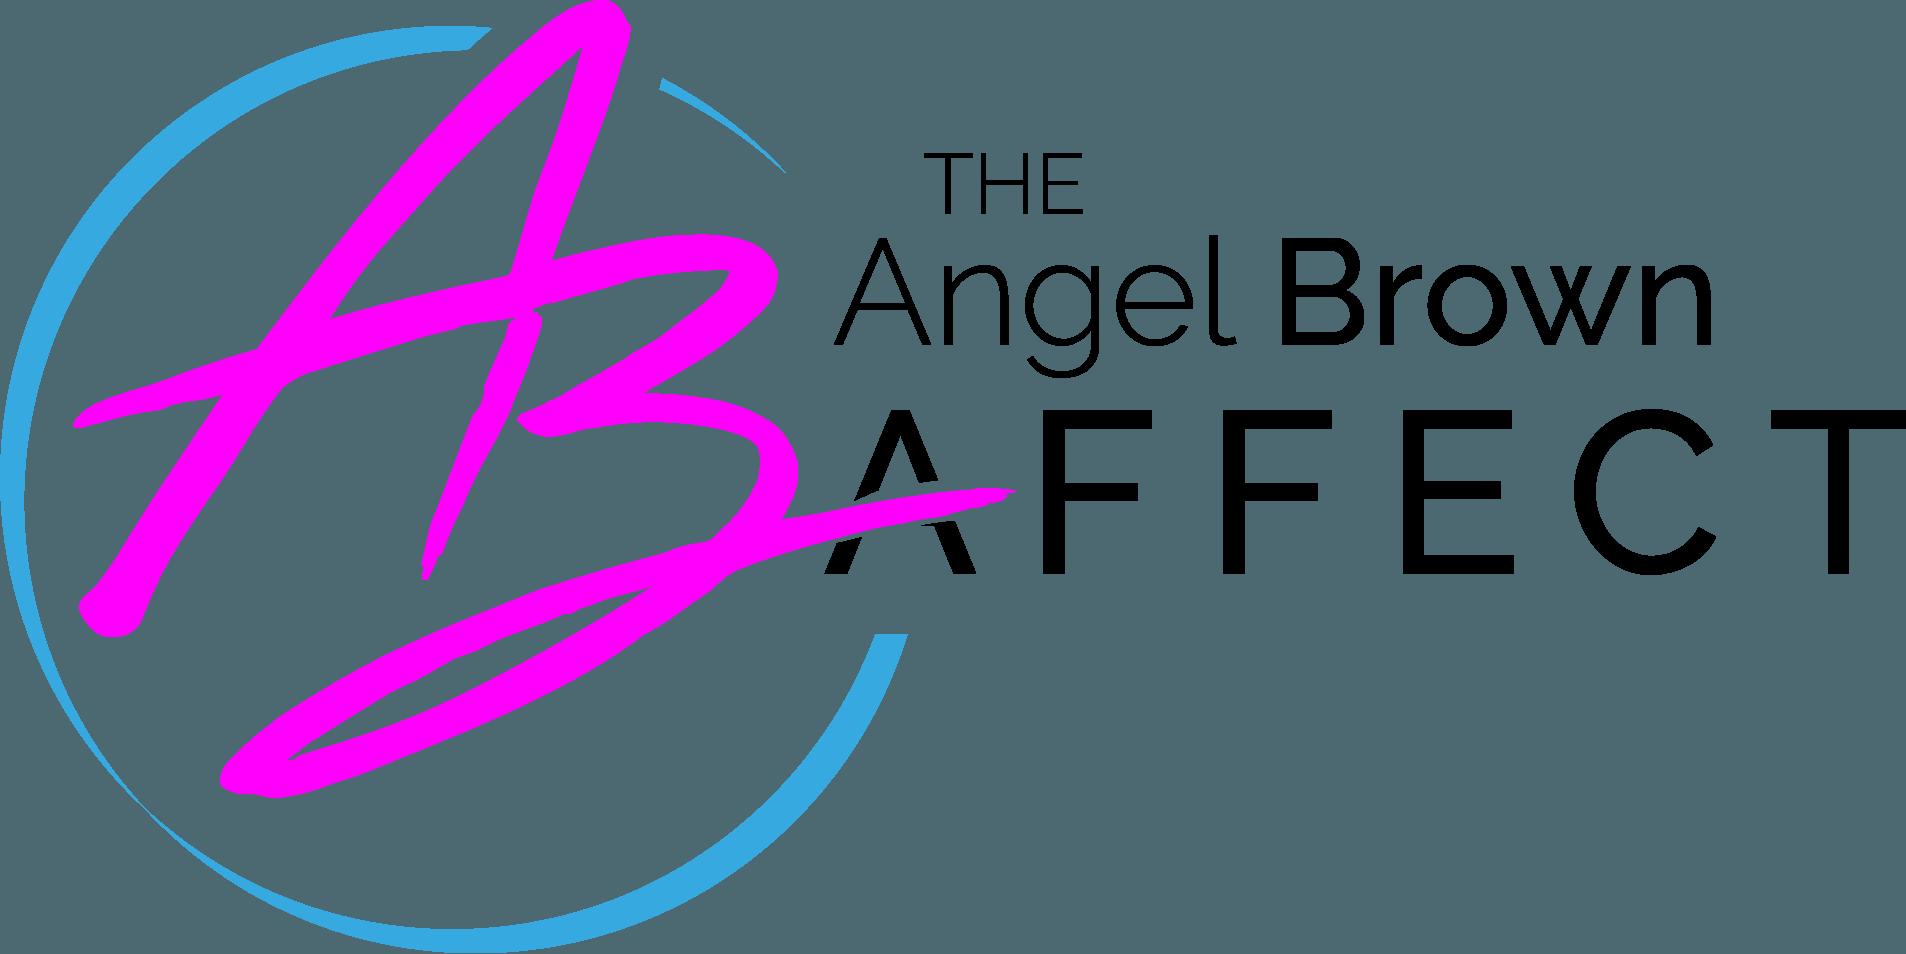 Angel Brown